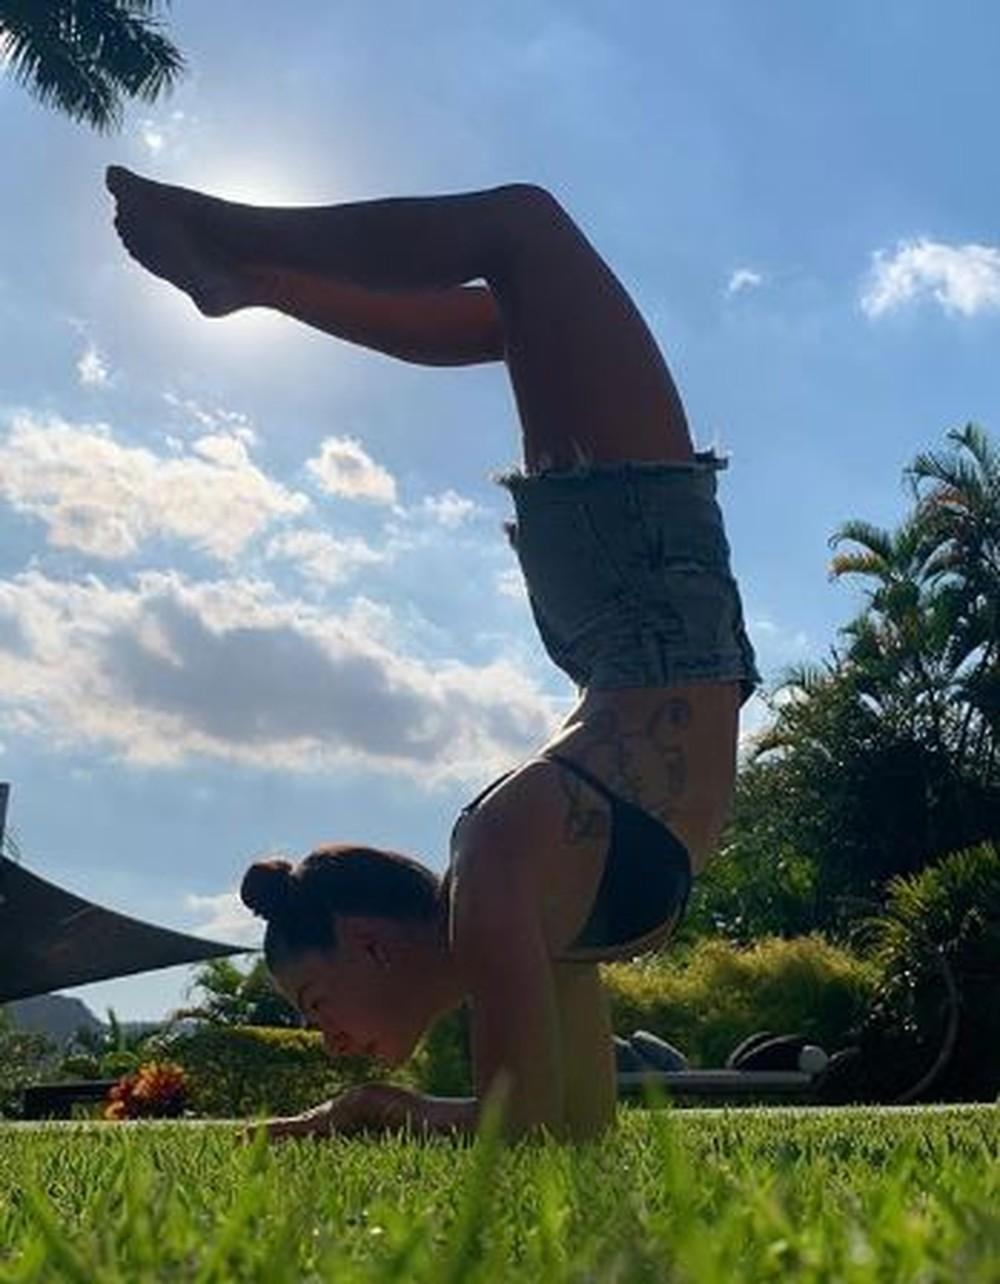 Famosas listam os benefícios com a yoga; veja fotos - Imagem 5